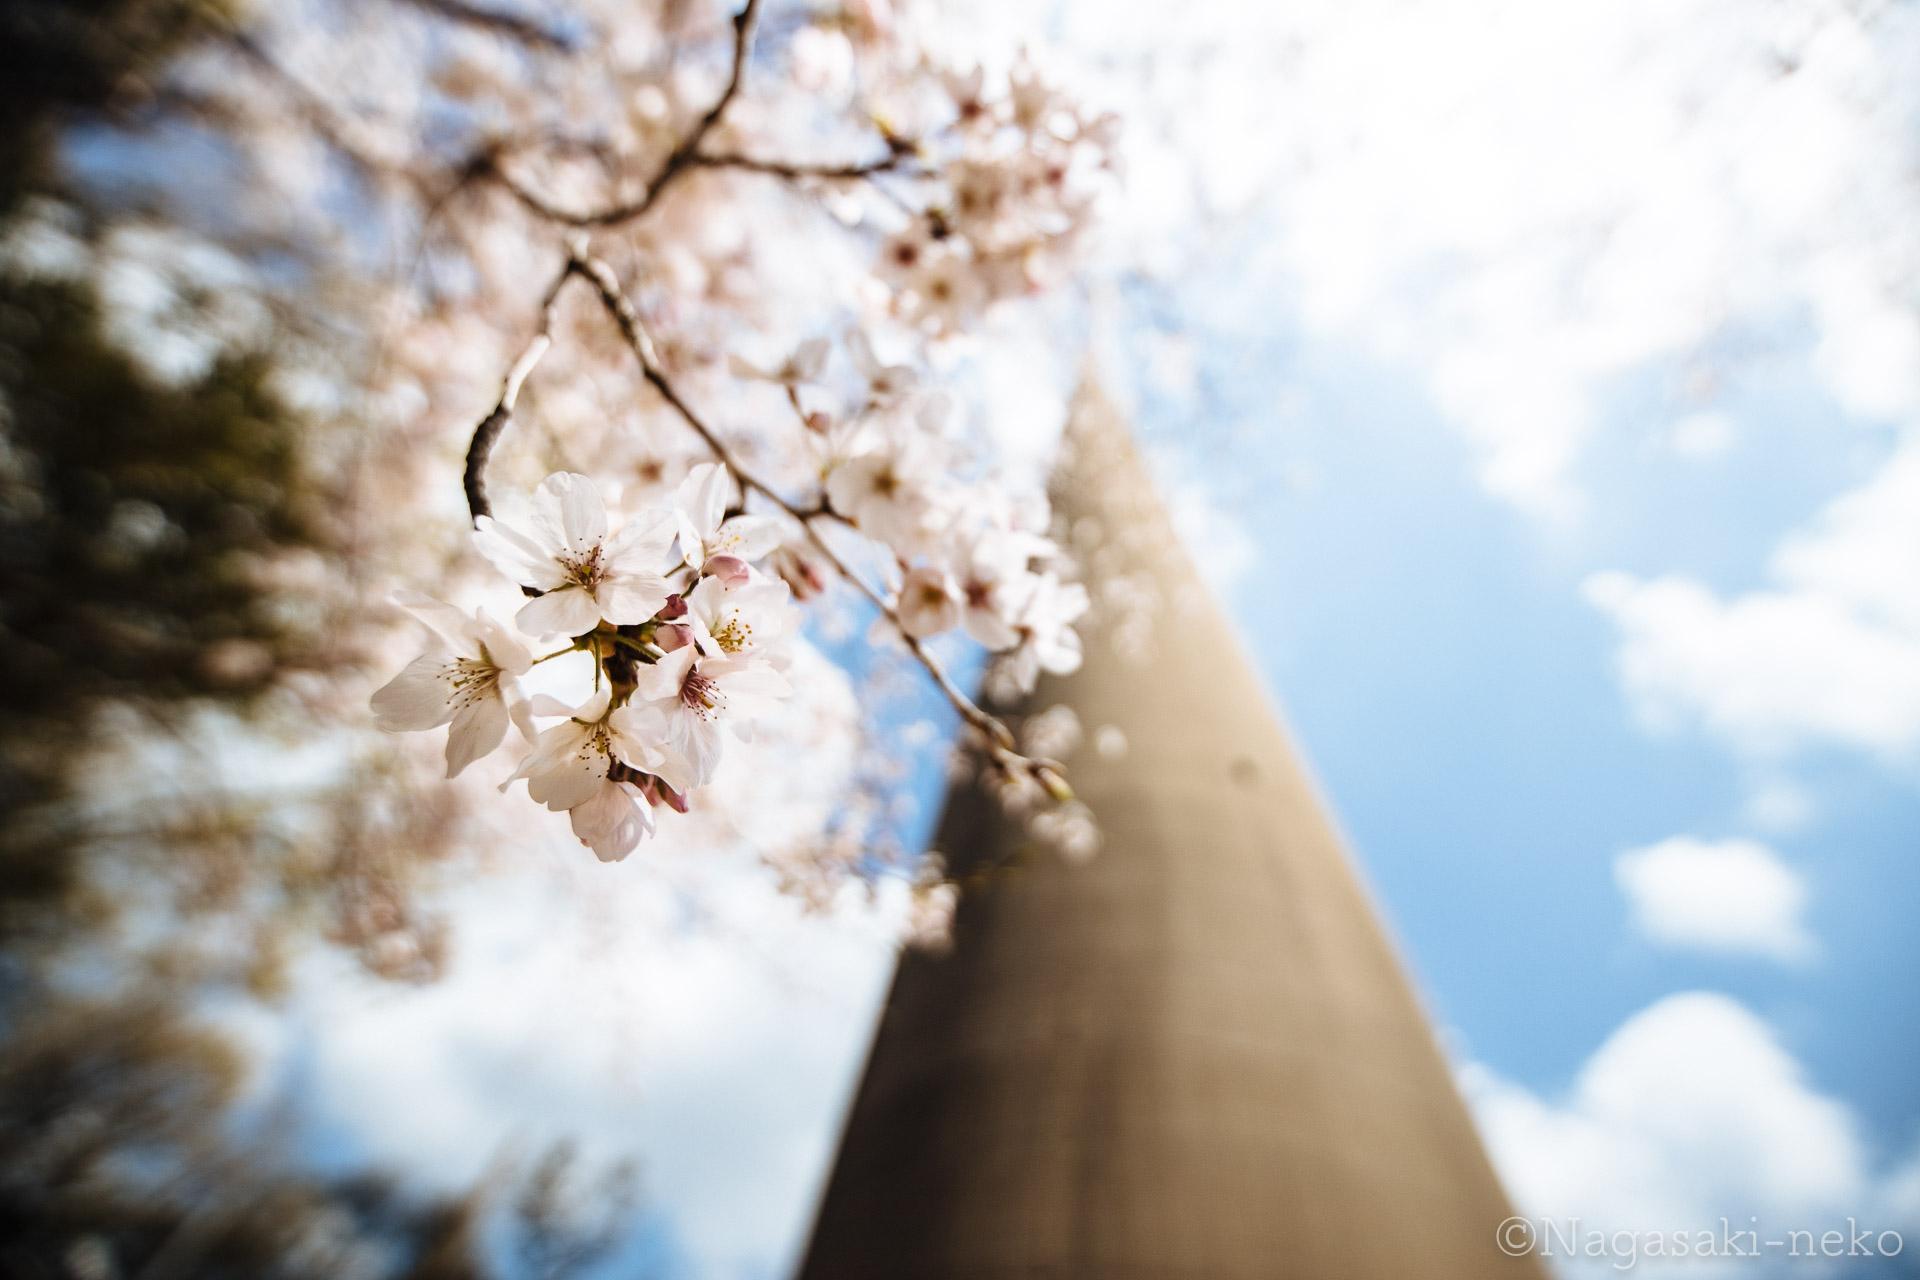 針尾送信所の桜